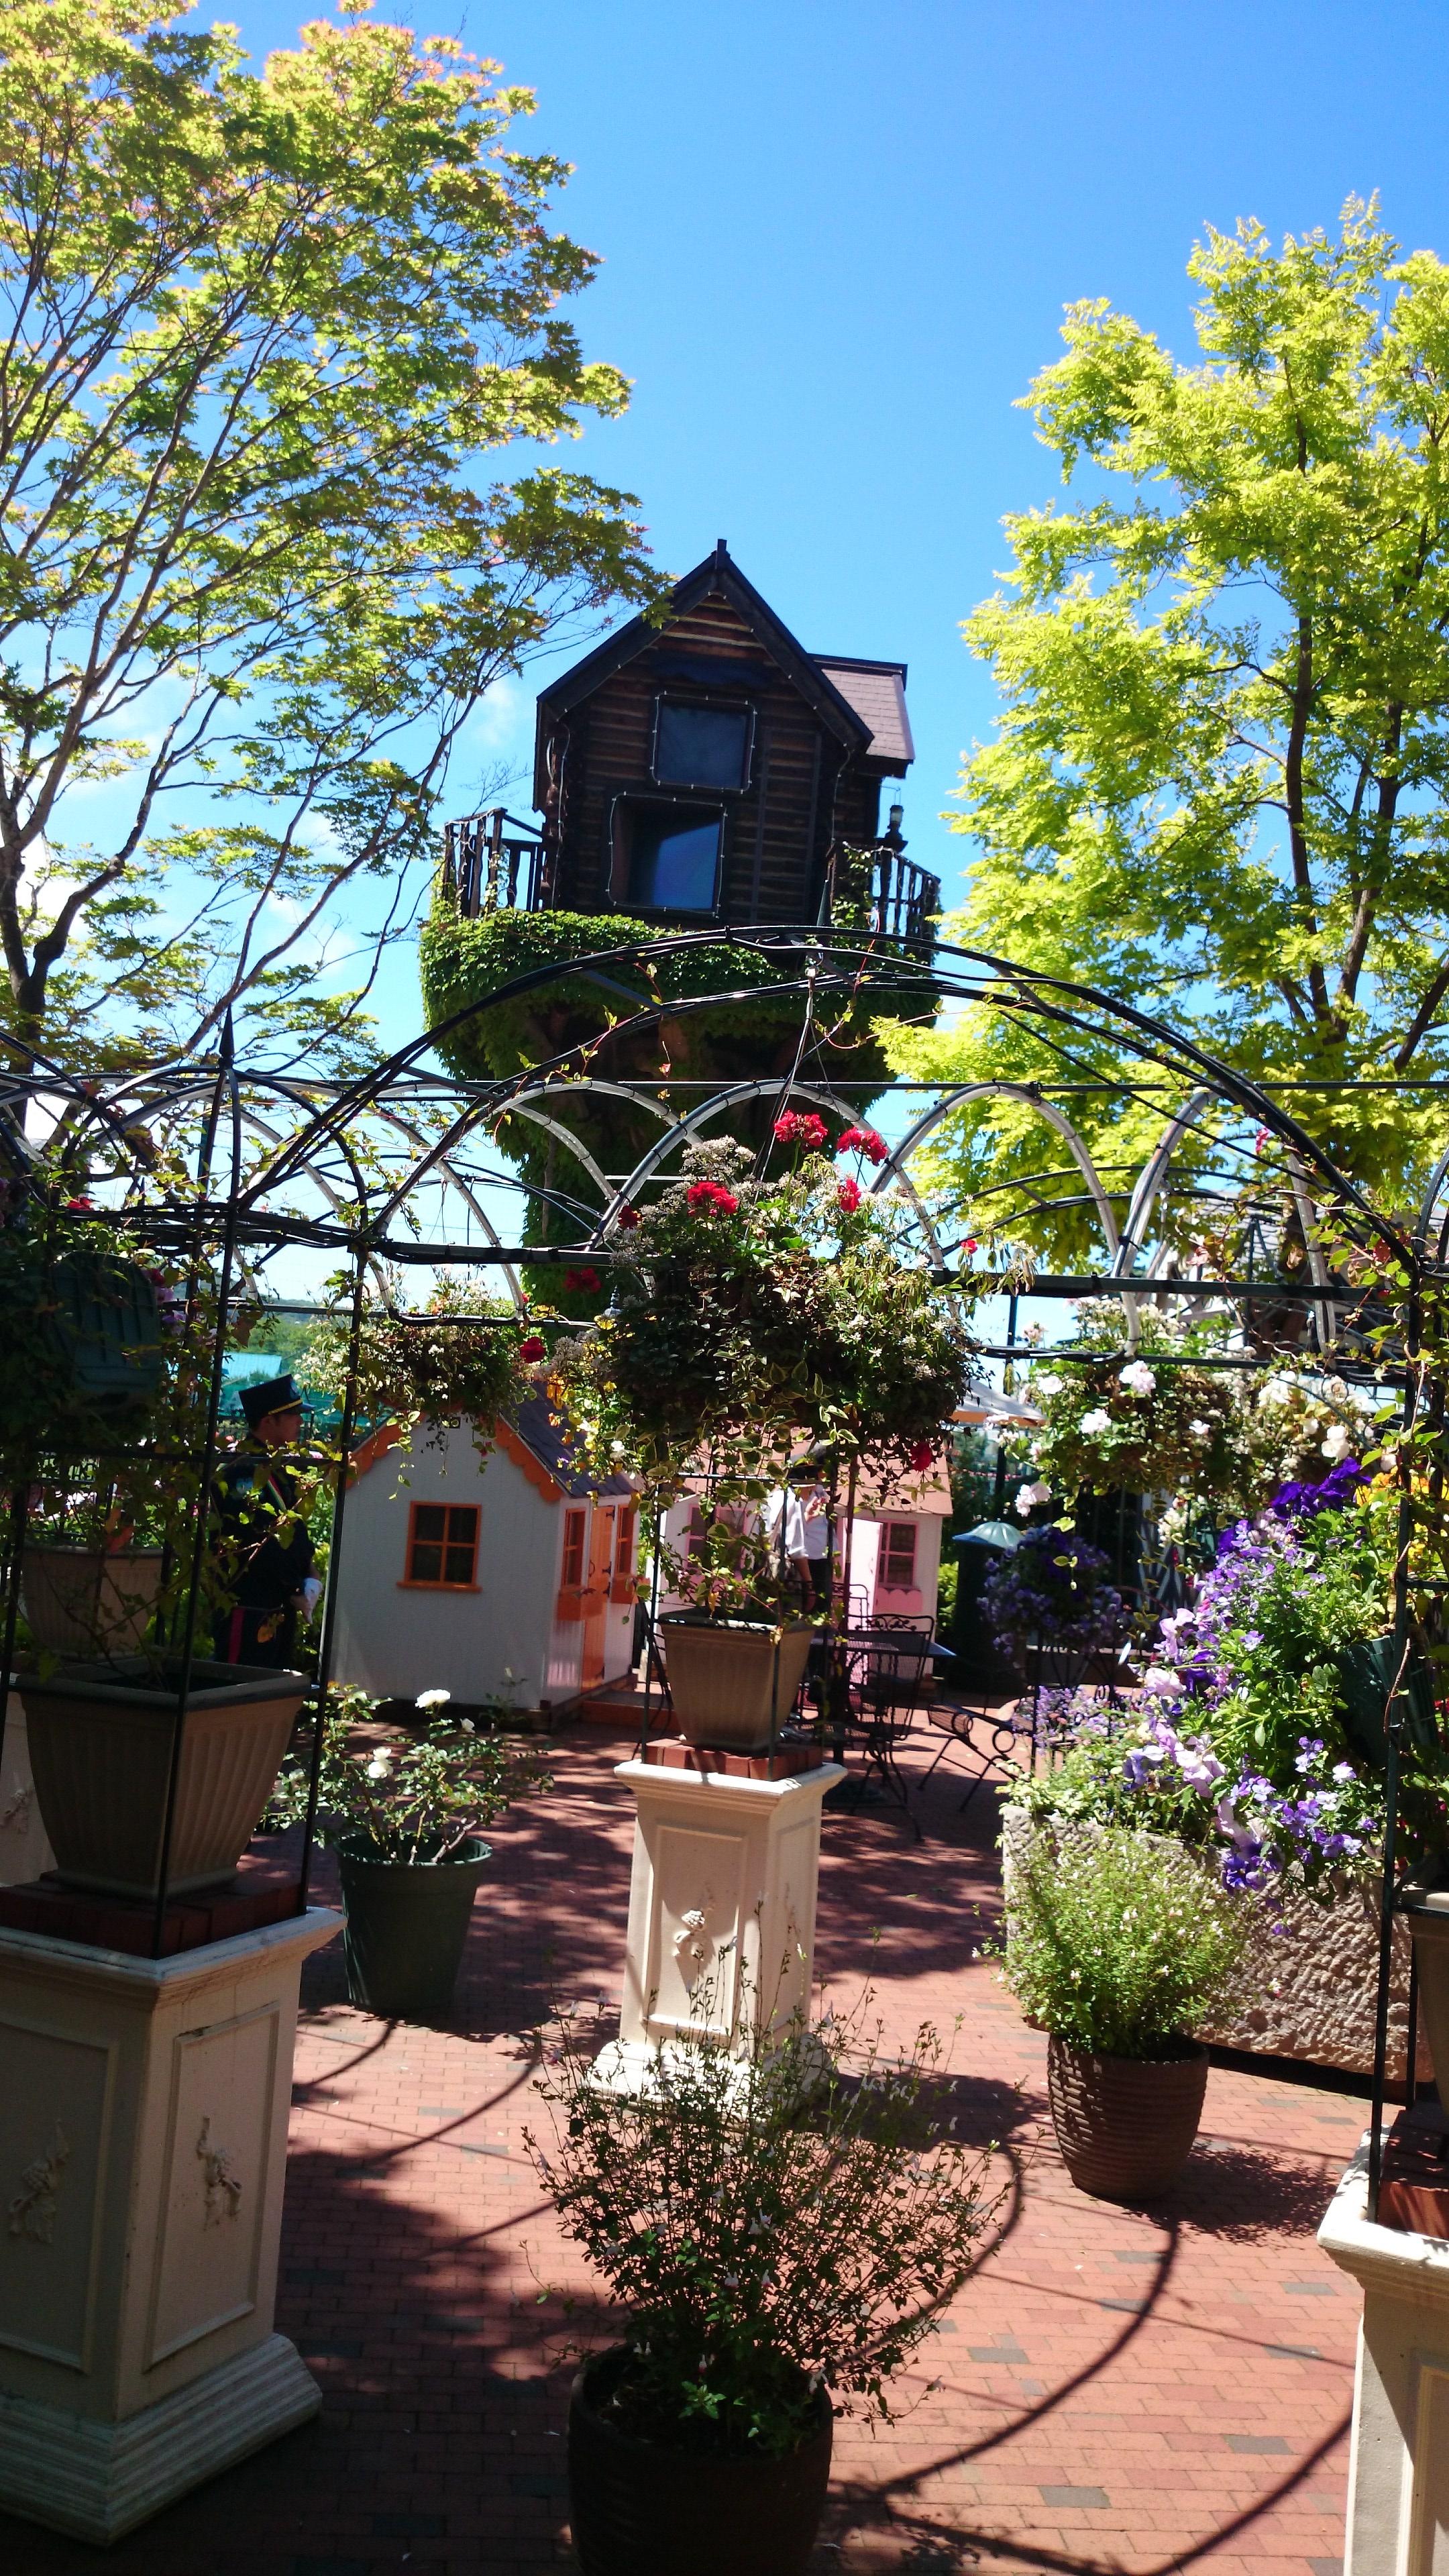 37、北海道 白い恋人館 庭